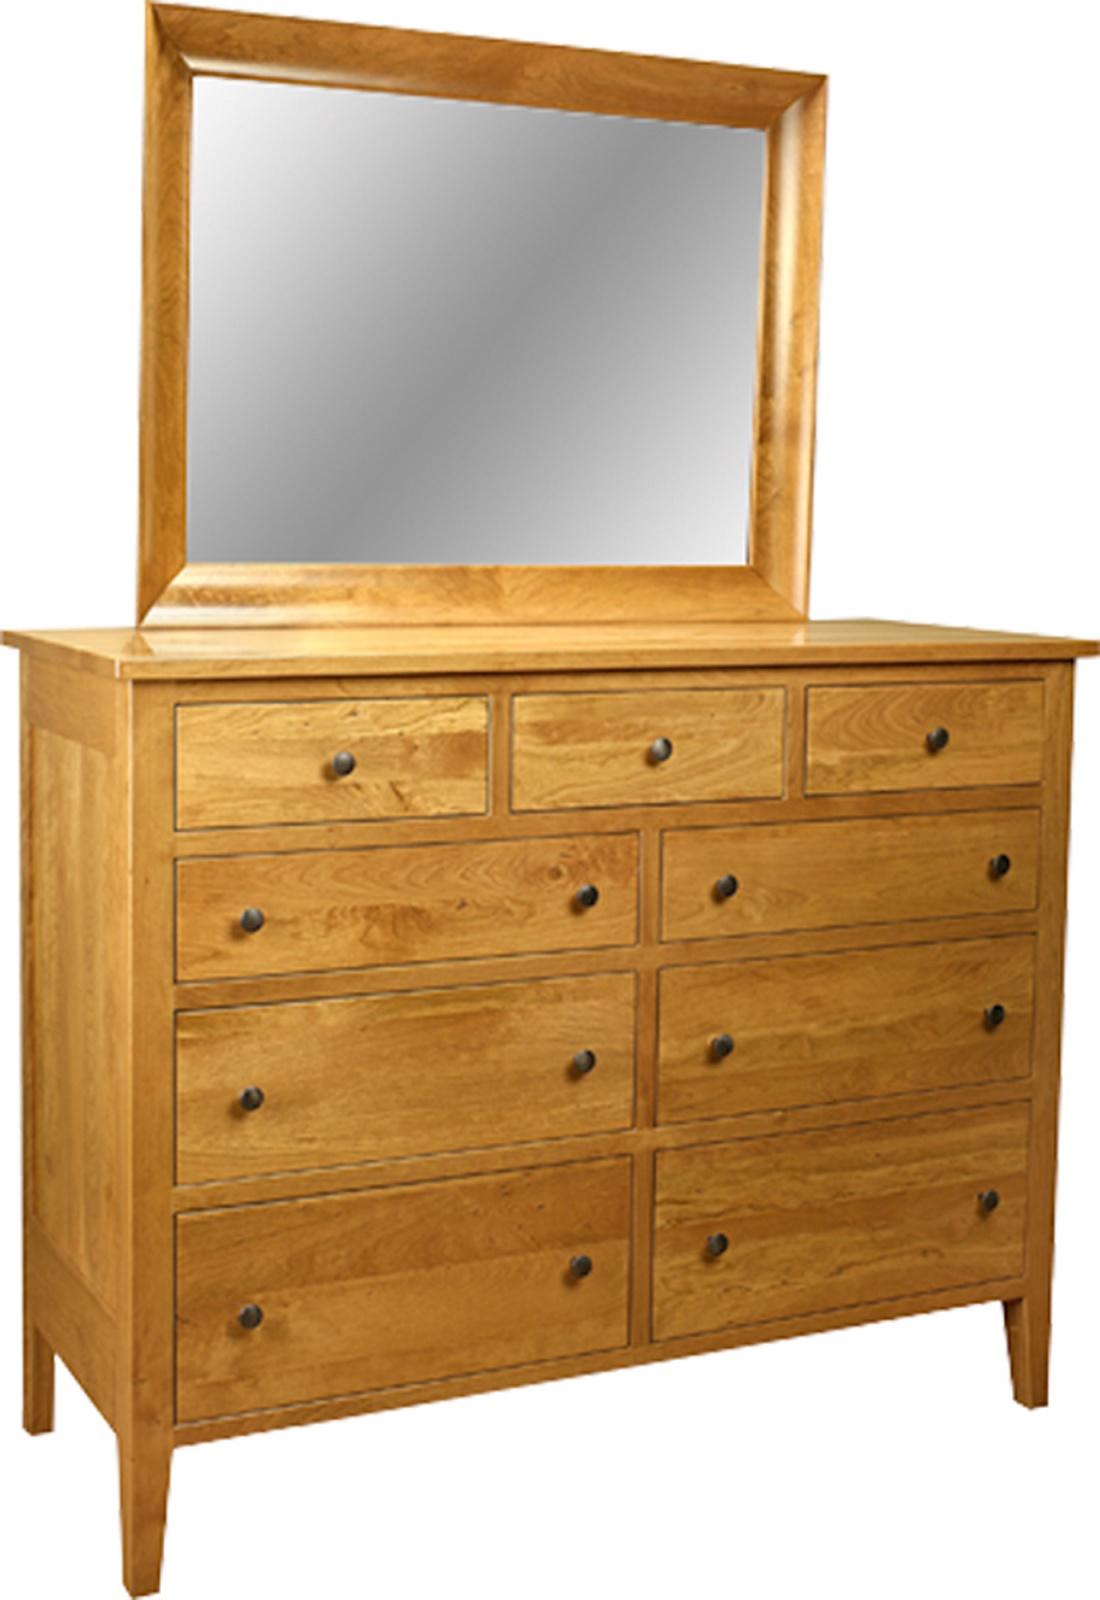 CS-1657 Tall Dresser with MI-563 Mirror.jpg